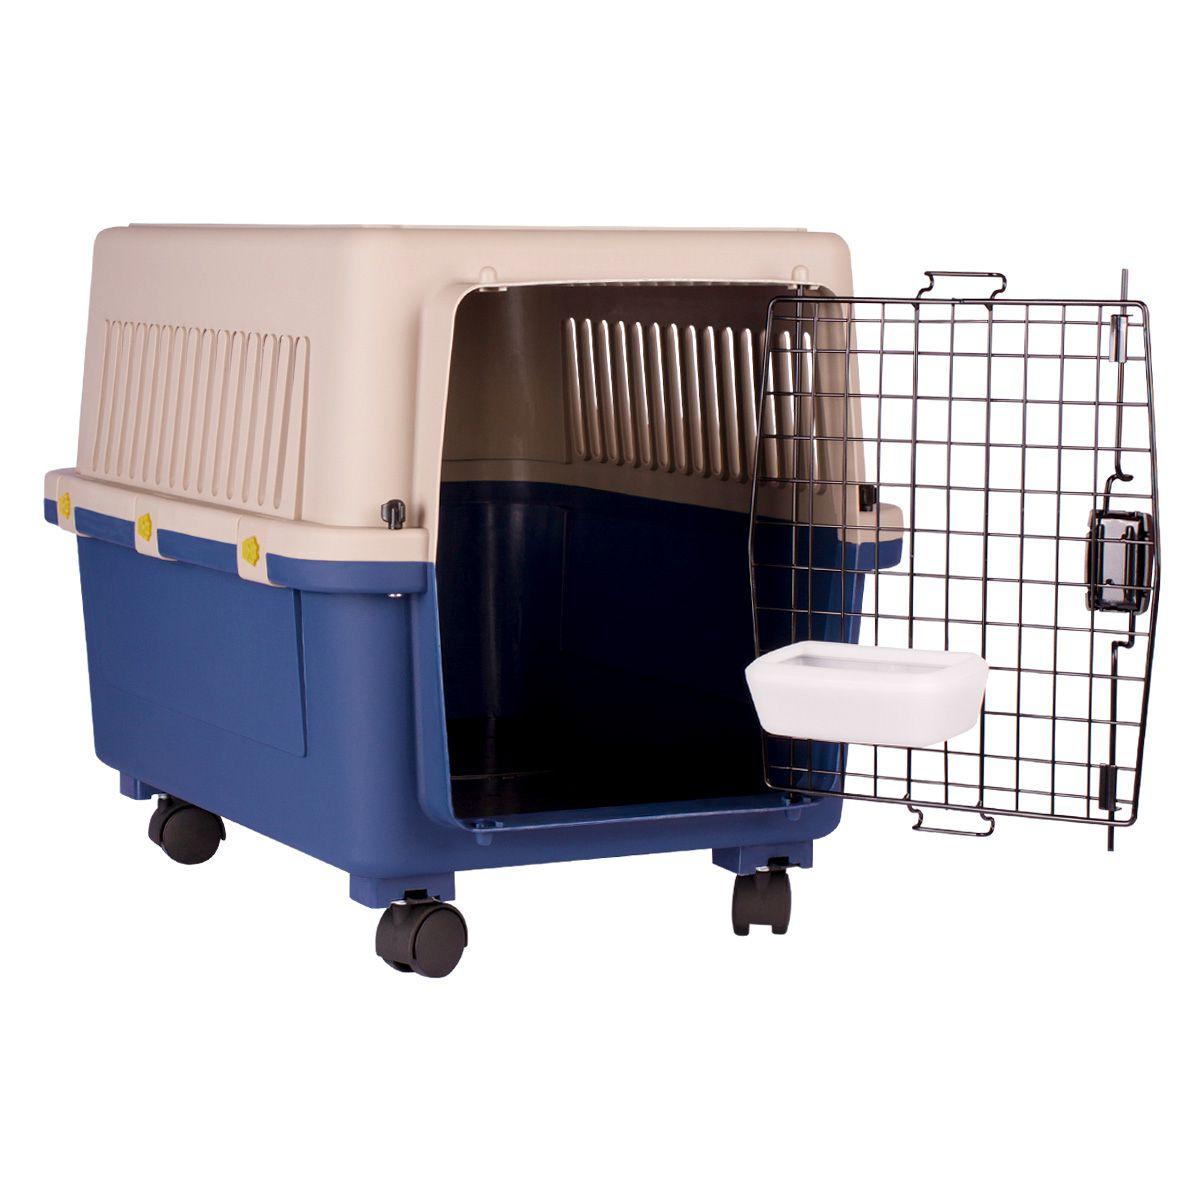 Caixa de Transporte Dog Fly modelo IATA Tamanho 4 N4